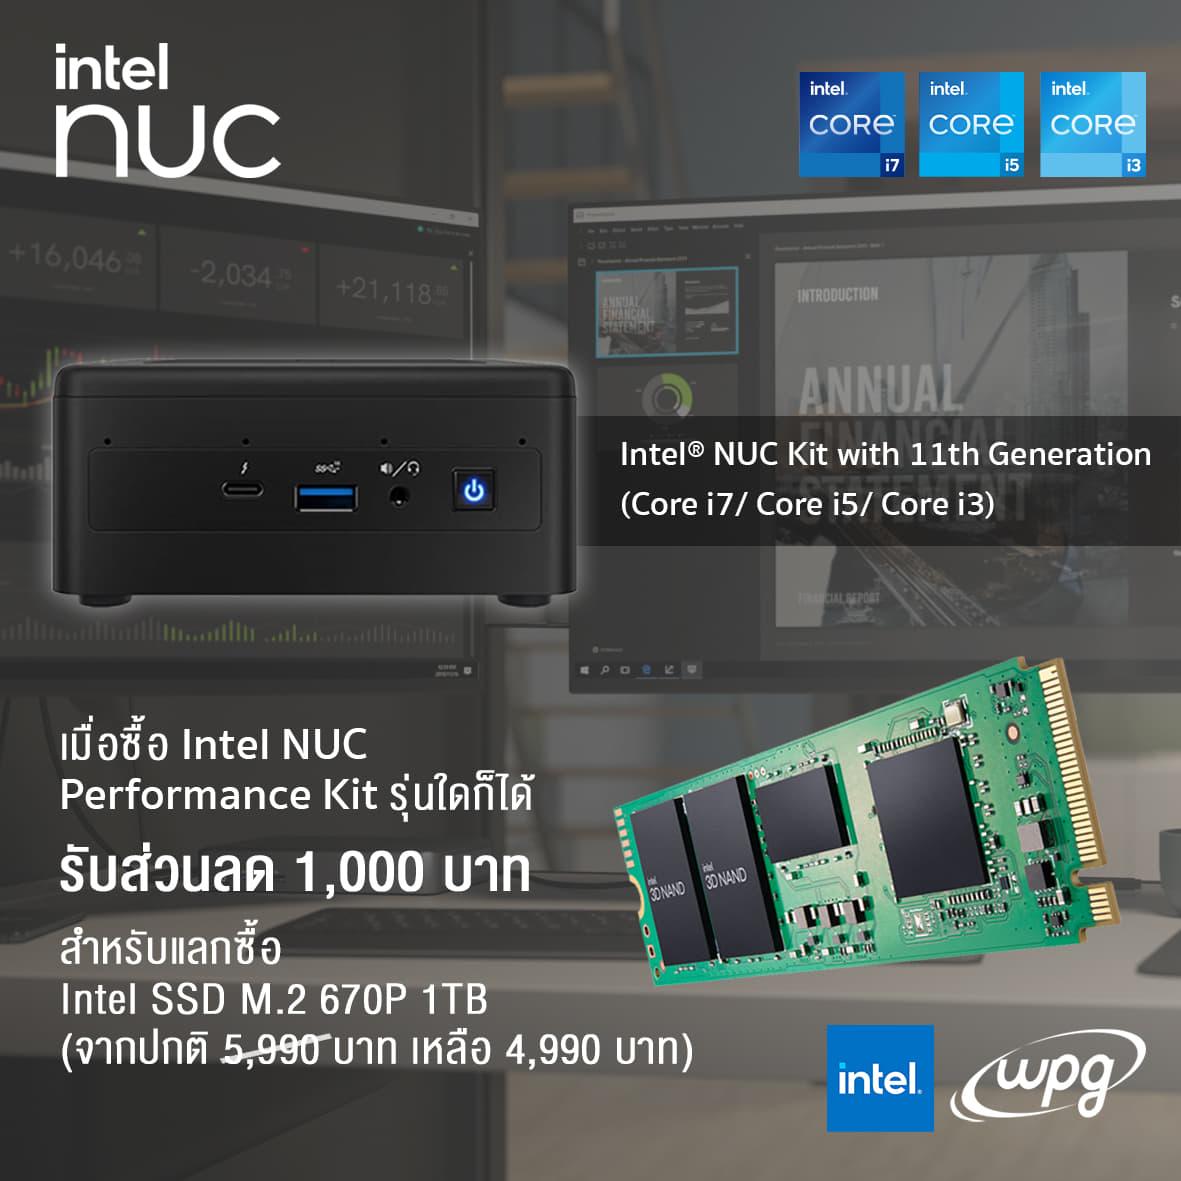 โปรโมชั่นแพ็คคู่…. เมื่อซื้อ Intel NUC Performance Kit (Core i7 /i5 / i3) หรือ Intel NUC Element commercial PC (Core i7/i3/Celeron)